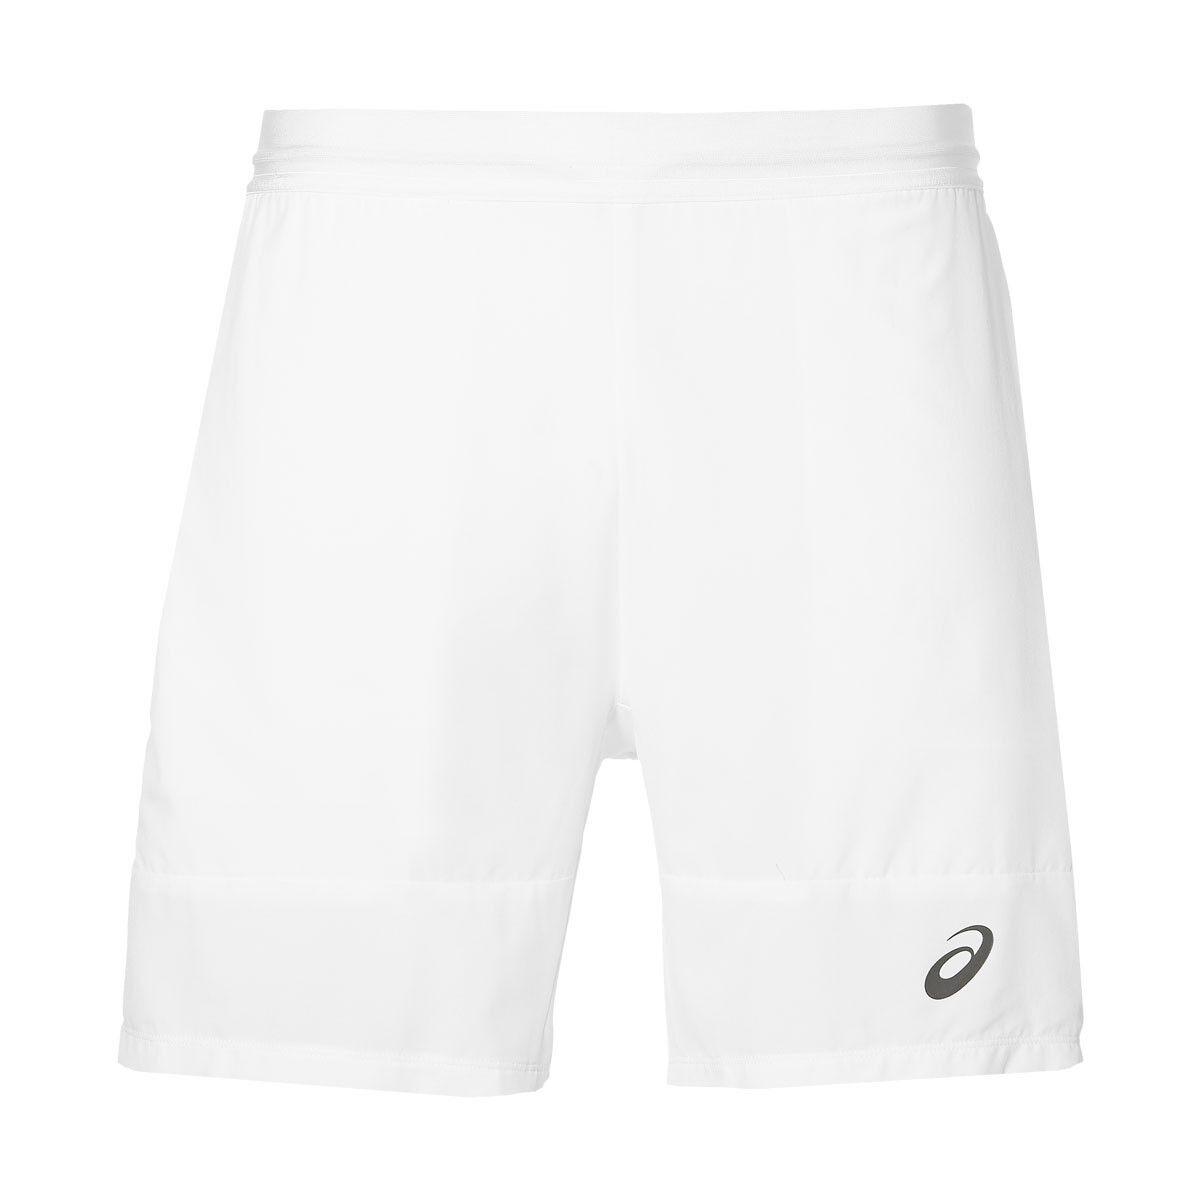 Asics Camisetas Hombre CORTO M Athlete  blancoo  hasta un 50% de descuento